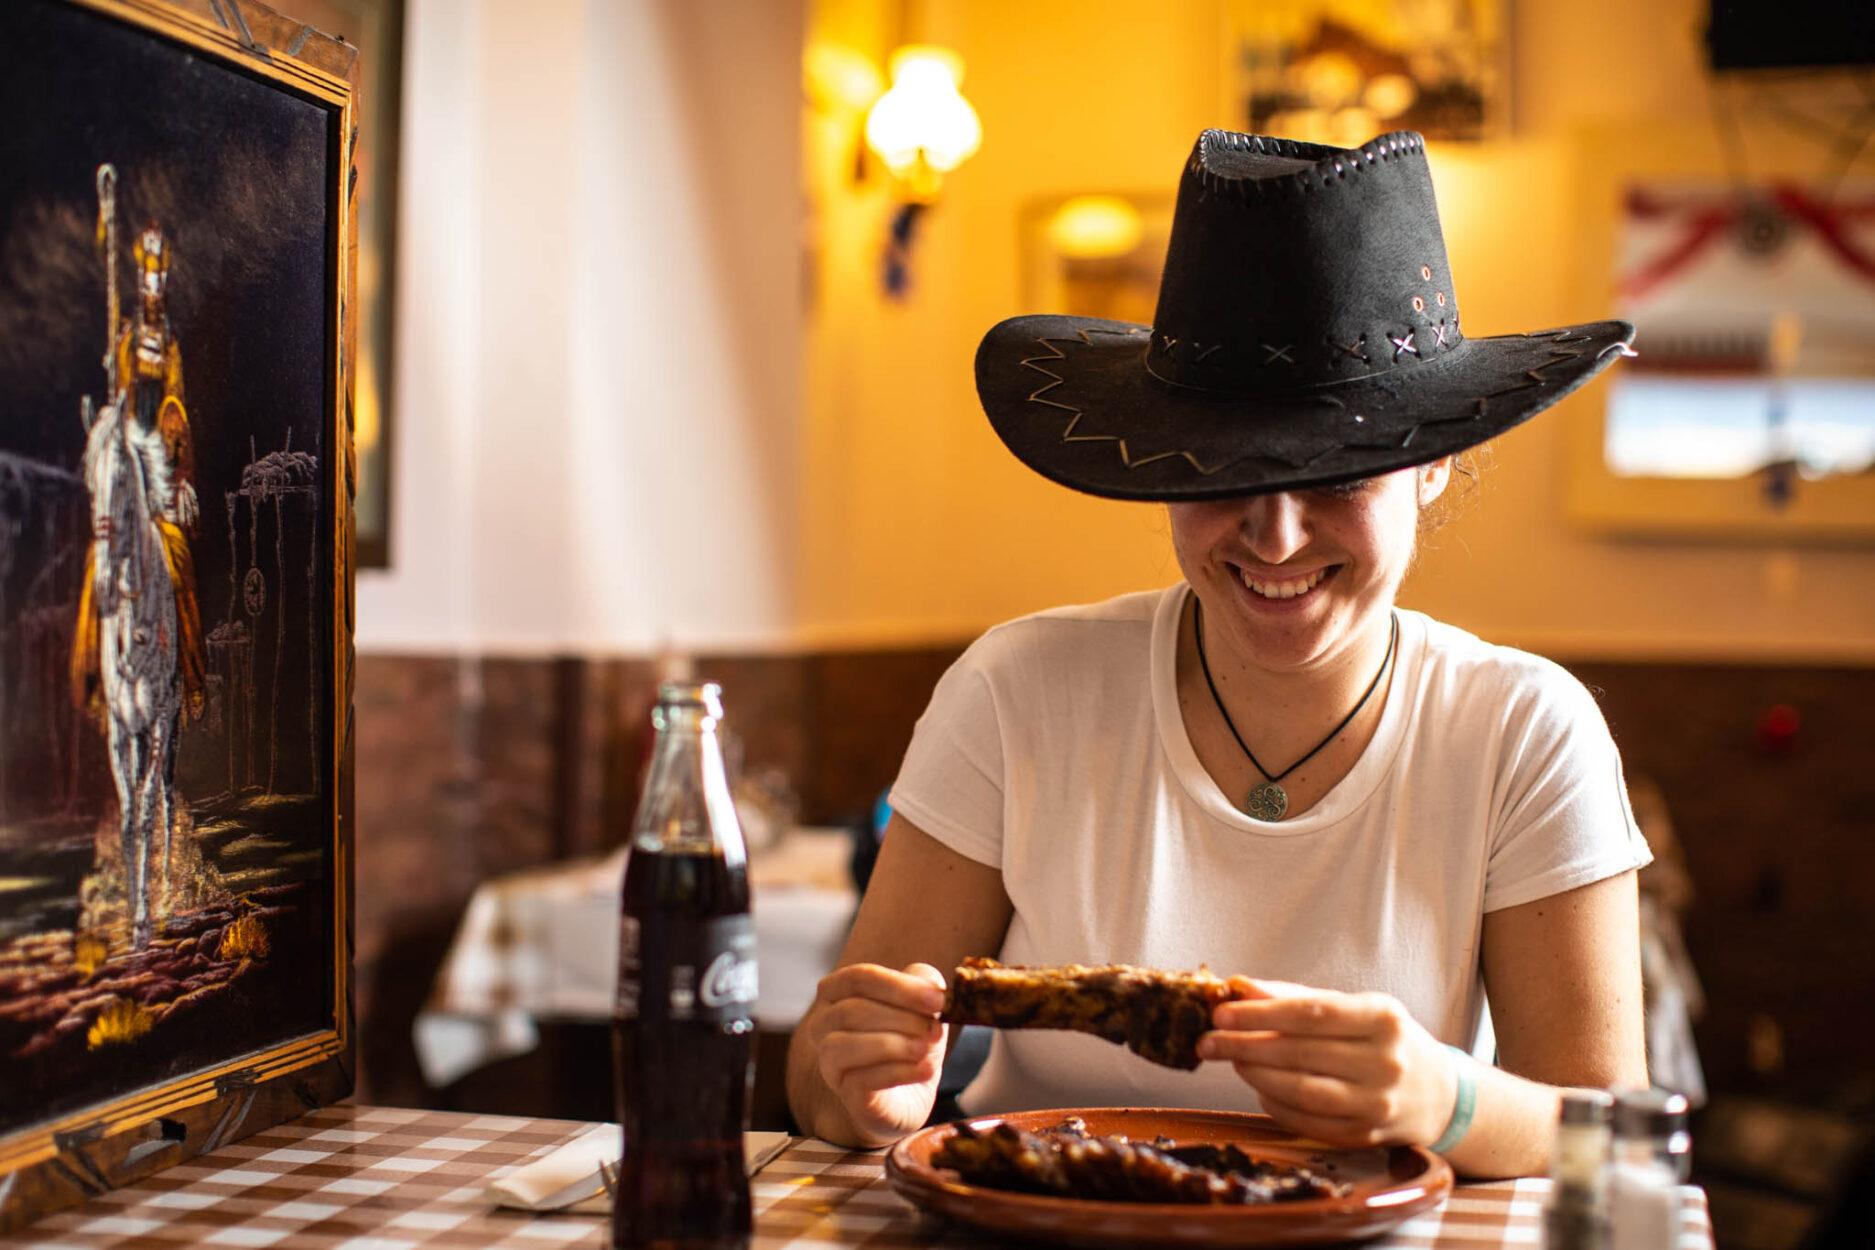 gastronomica-alimentos-nicoletalupuagency (75 of 84)